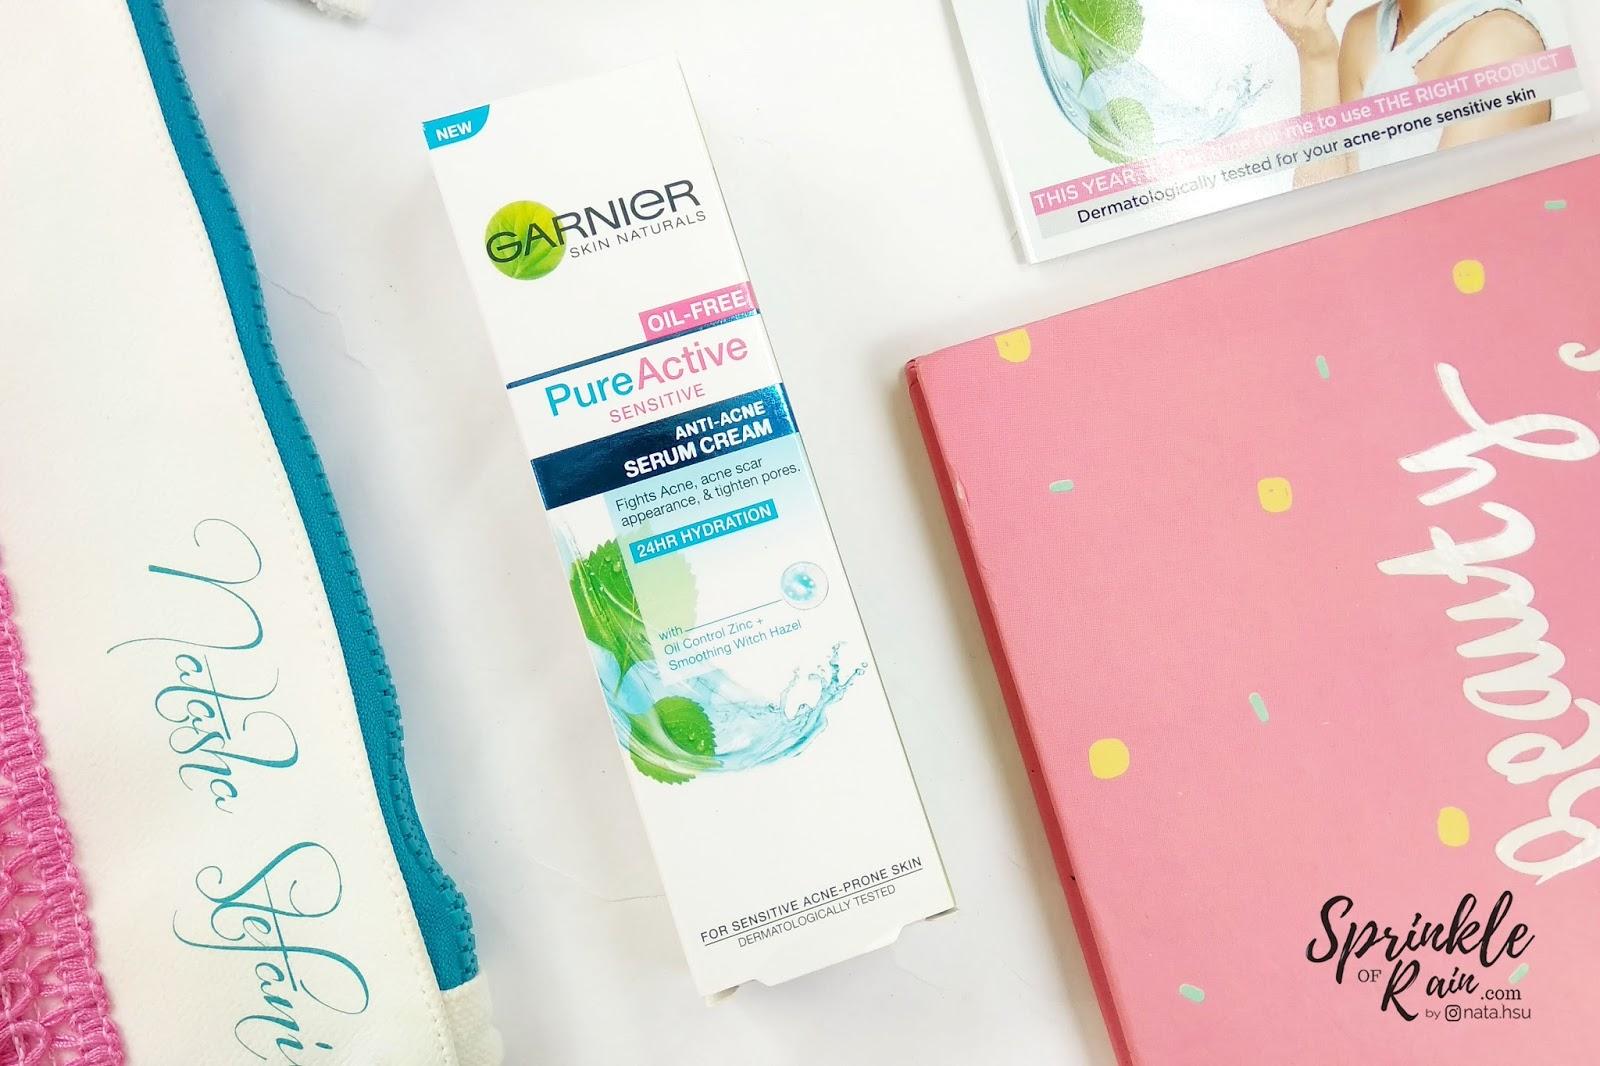 Review Garnier Pure Active Sensitive Solusi Untuk Mysensitiveissue Acne Care Whitening Cream 20ml Anti Serum Merupakan Pelembab Kulit Sensitif Pertama Dari Dengan Formula Tanpa Minyak Yang Ringan Di